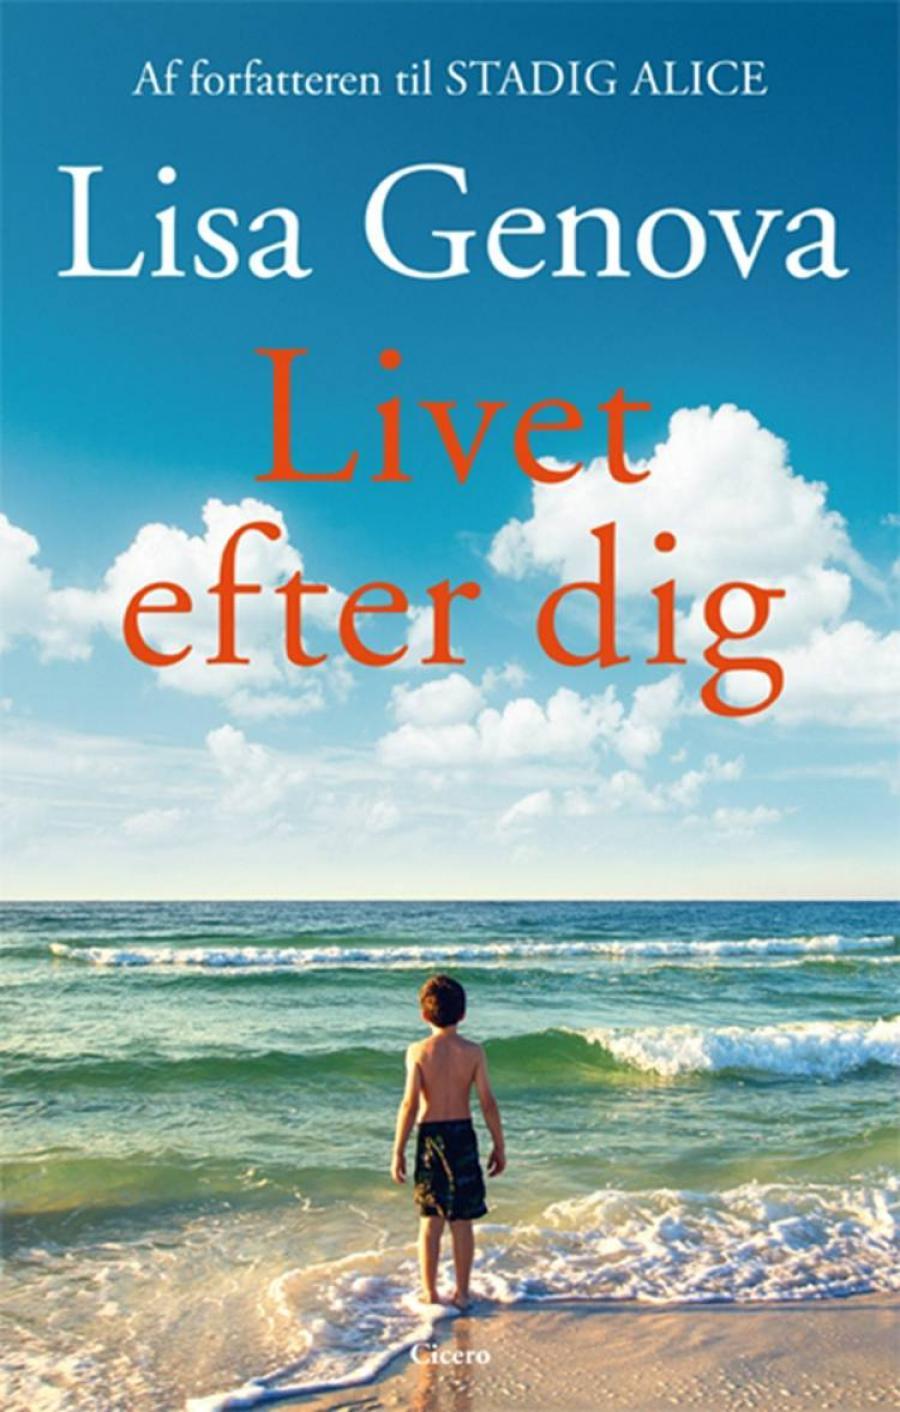 Livet efter dig af Lisa Genova